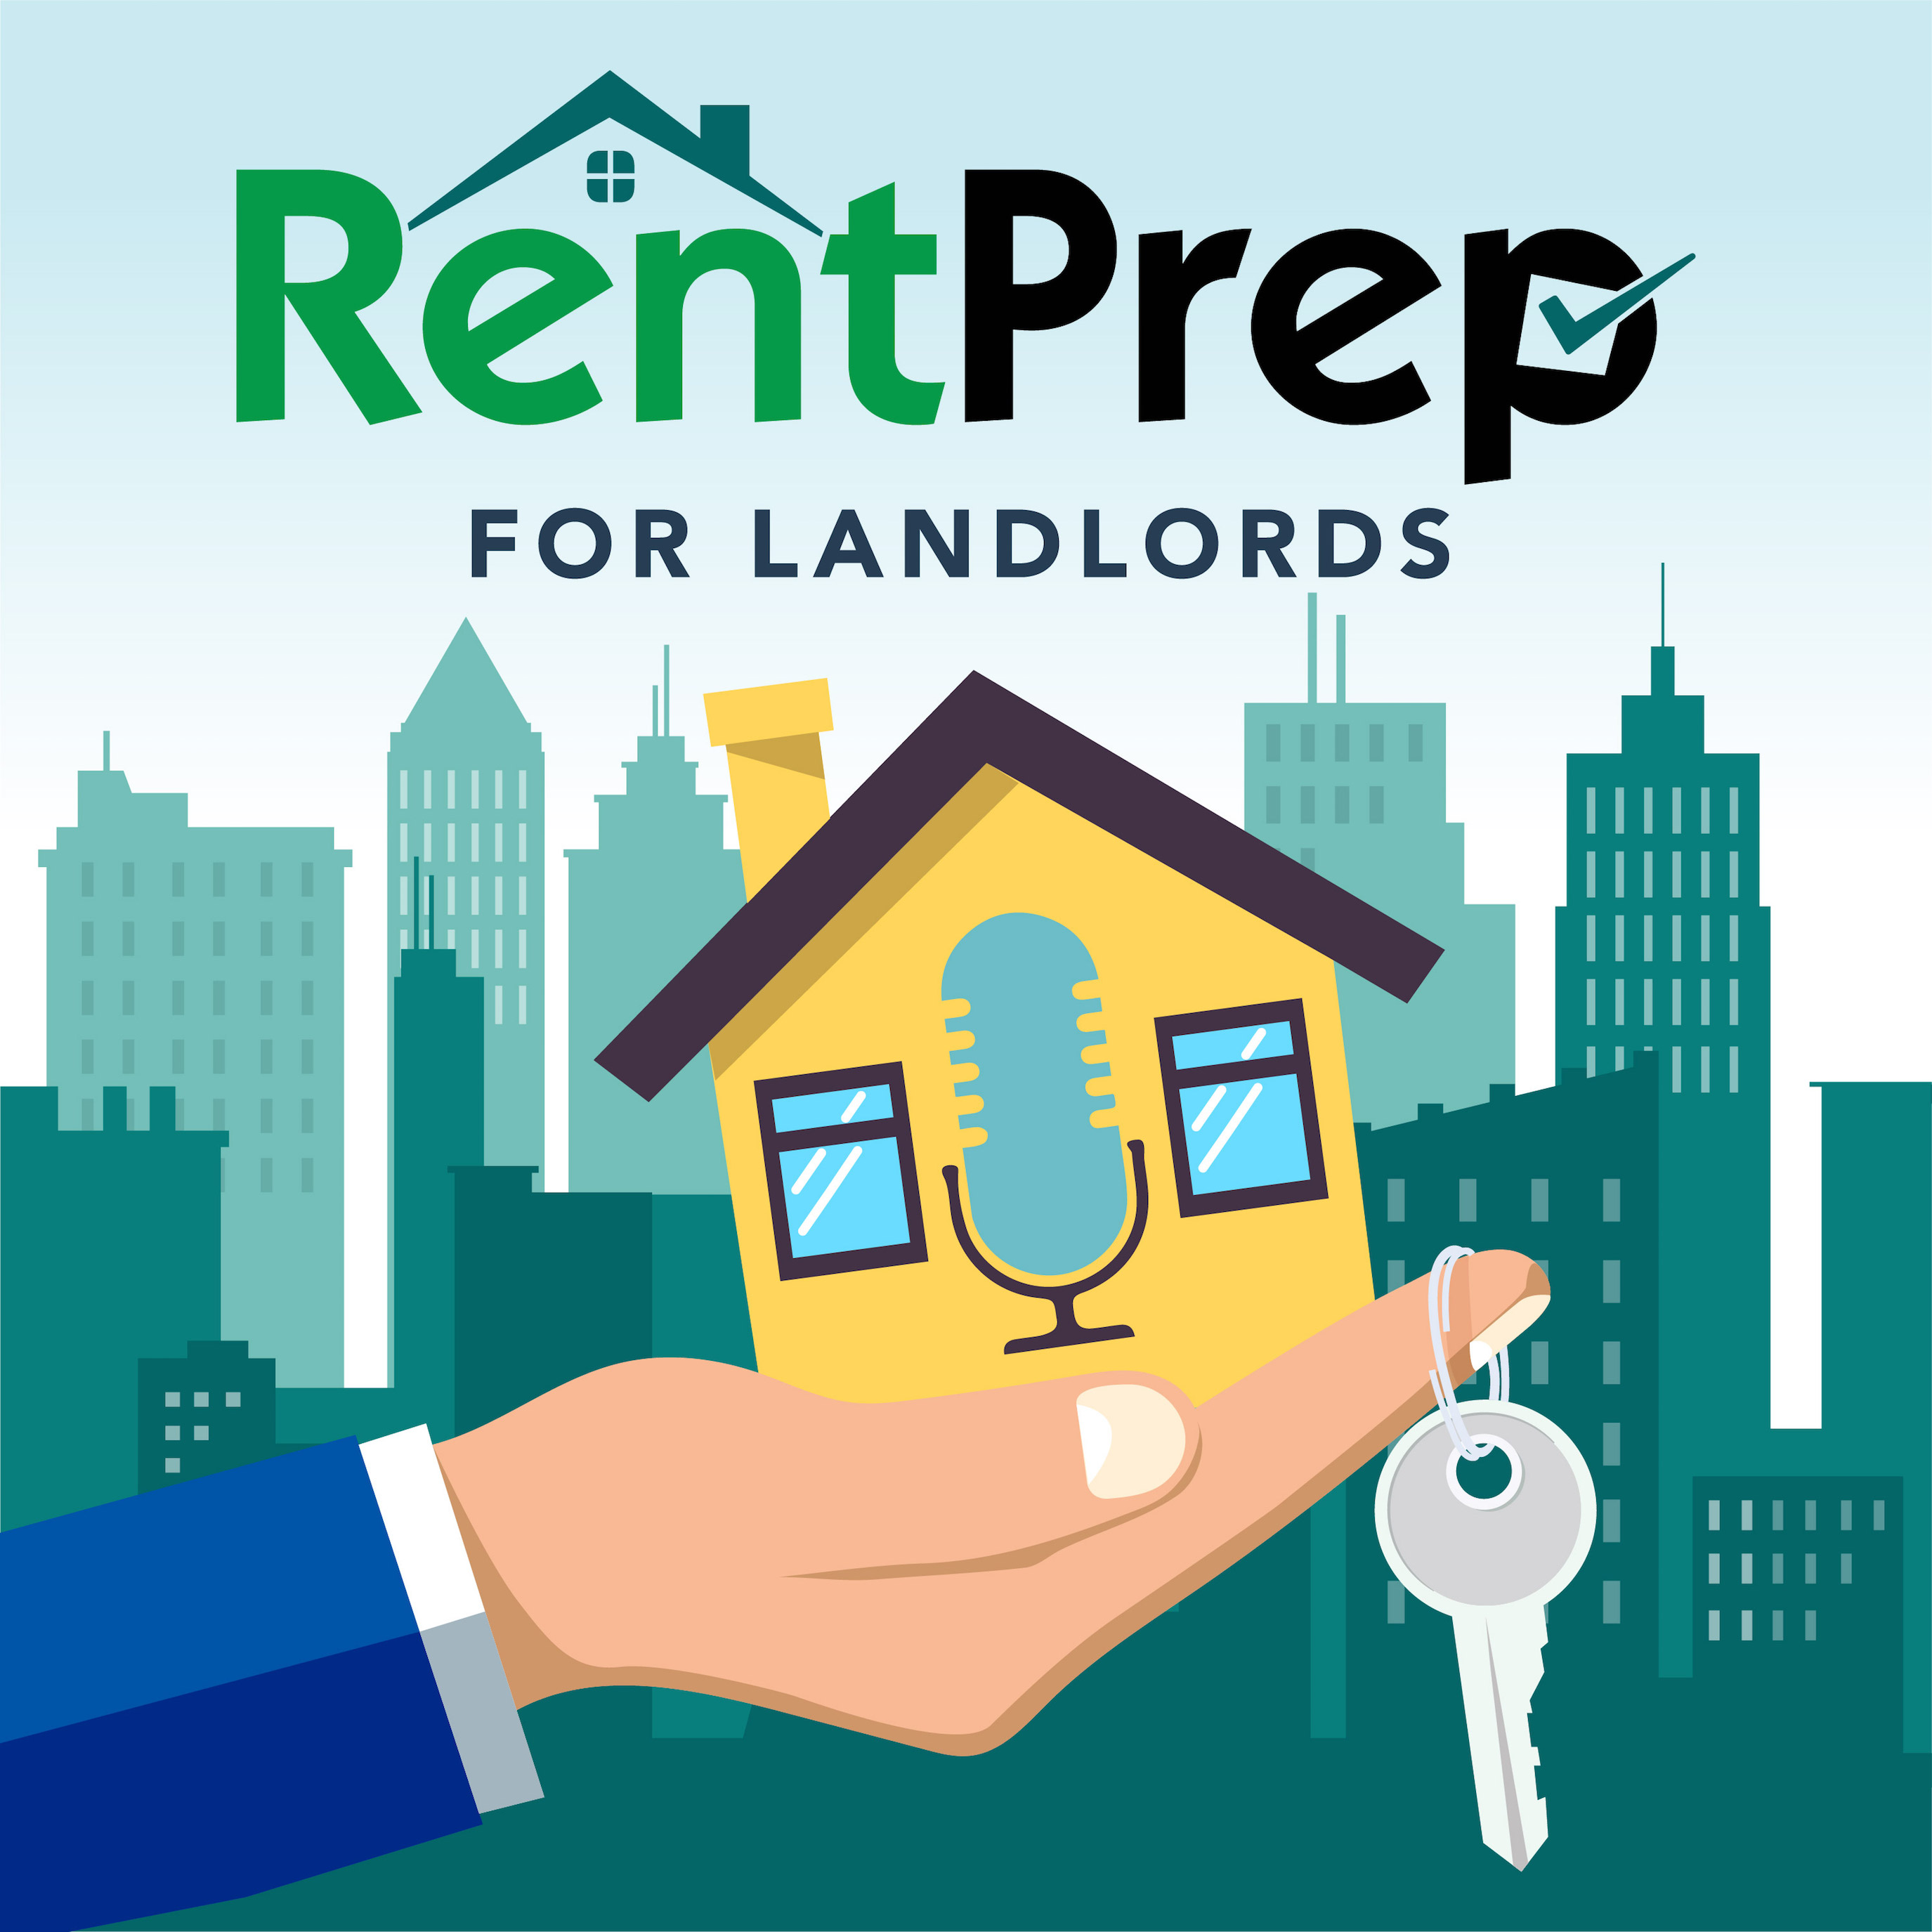 RentPrep For Landlords